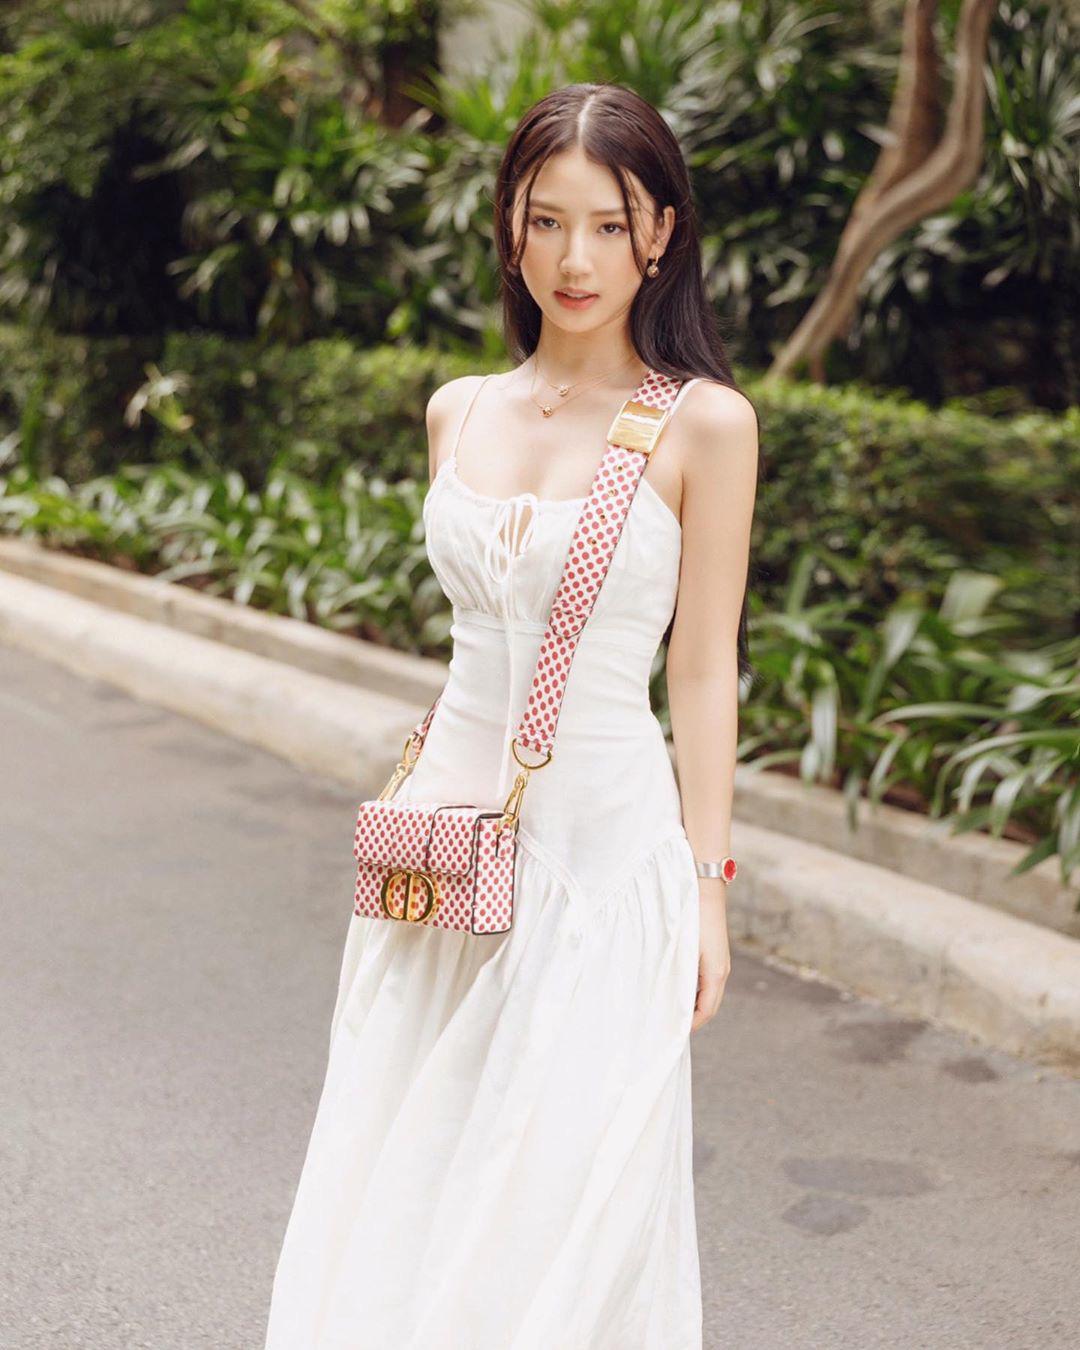 Trời se lạnh mà quẩy váy dáng dài là style sẽ yêu kiều như gái Pháp, điểm sang chảnh cũng tăng ngùn ngụt - Ảnh 11.